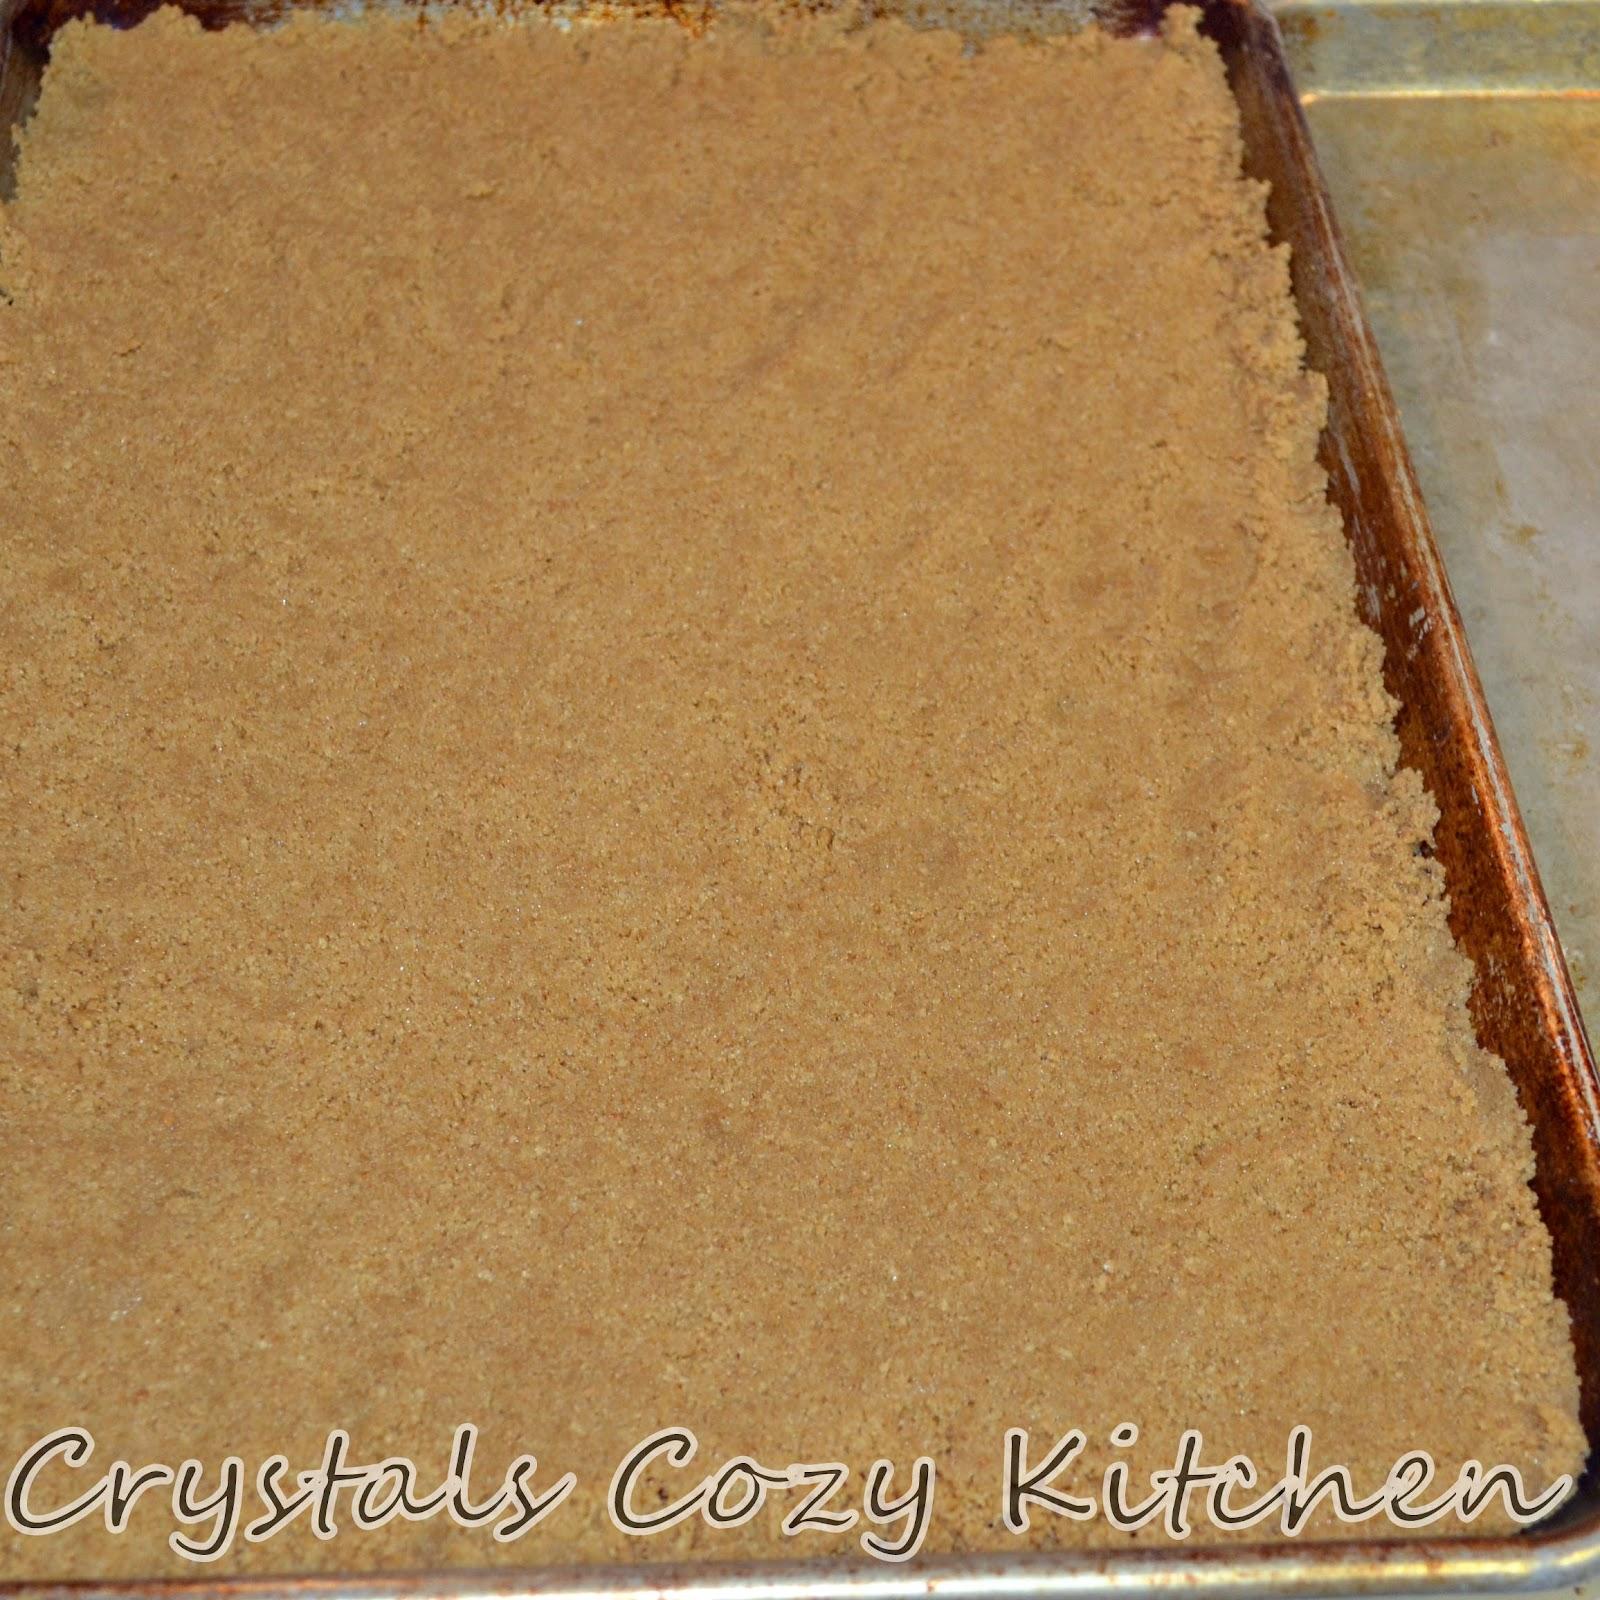 Sheet Pan Cheesecake Recipe